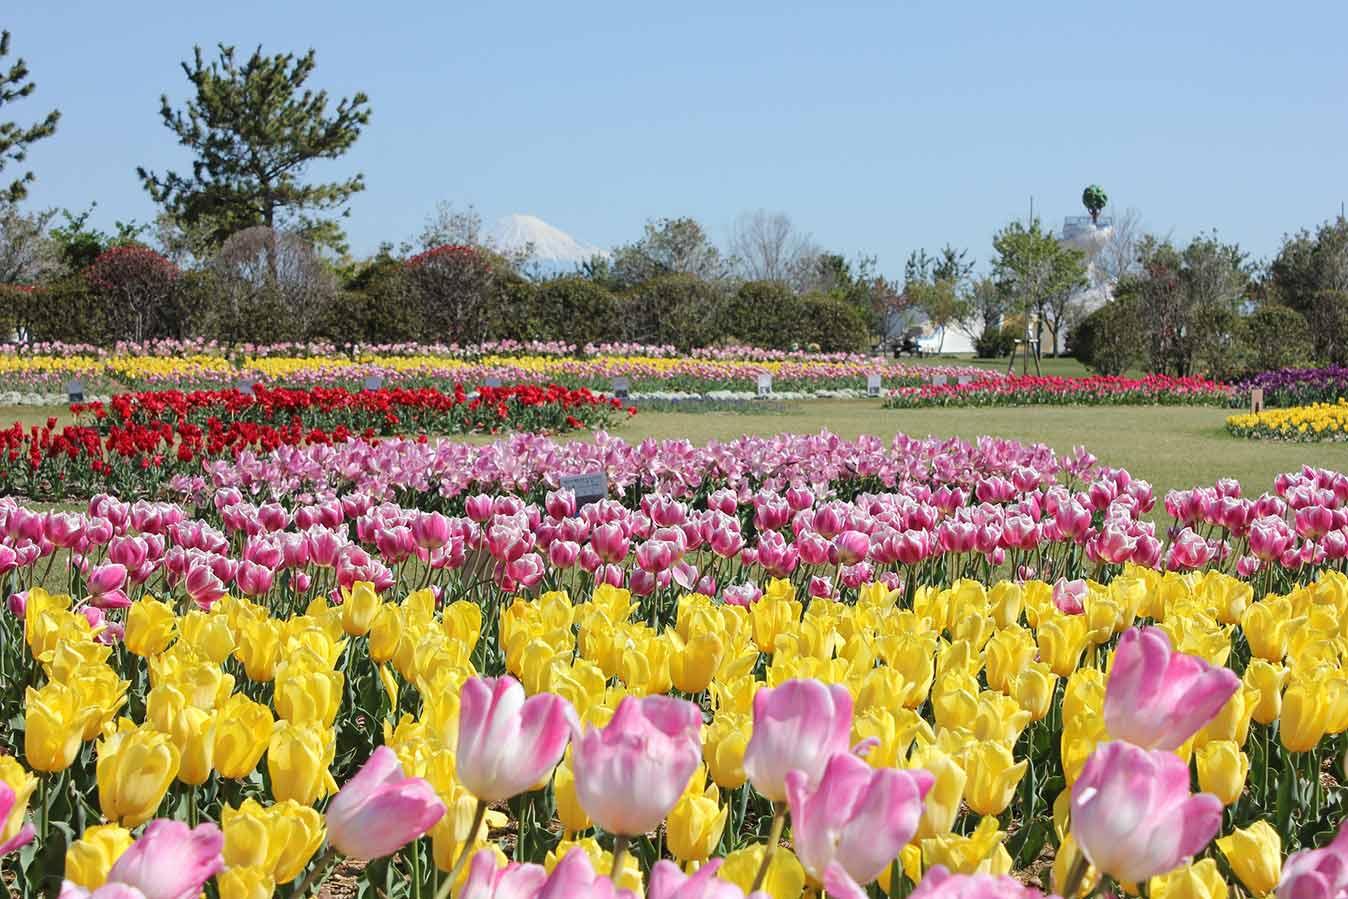 Shizuoka Prefectural Yoshida Park